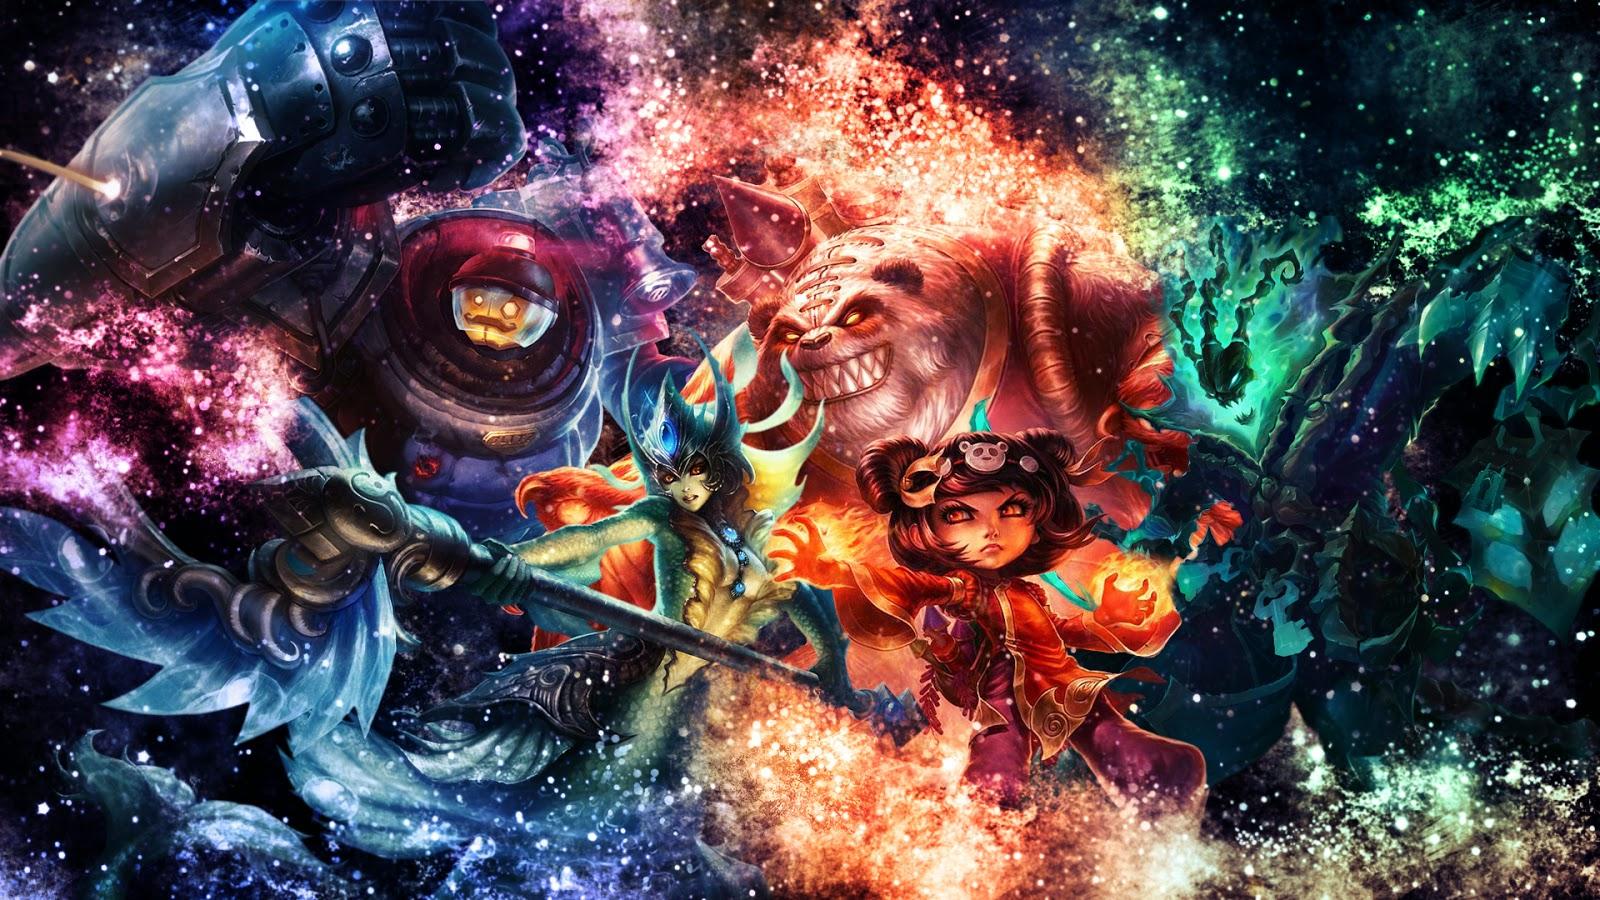 League Of Legends Thresh Wallpaper